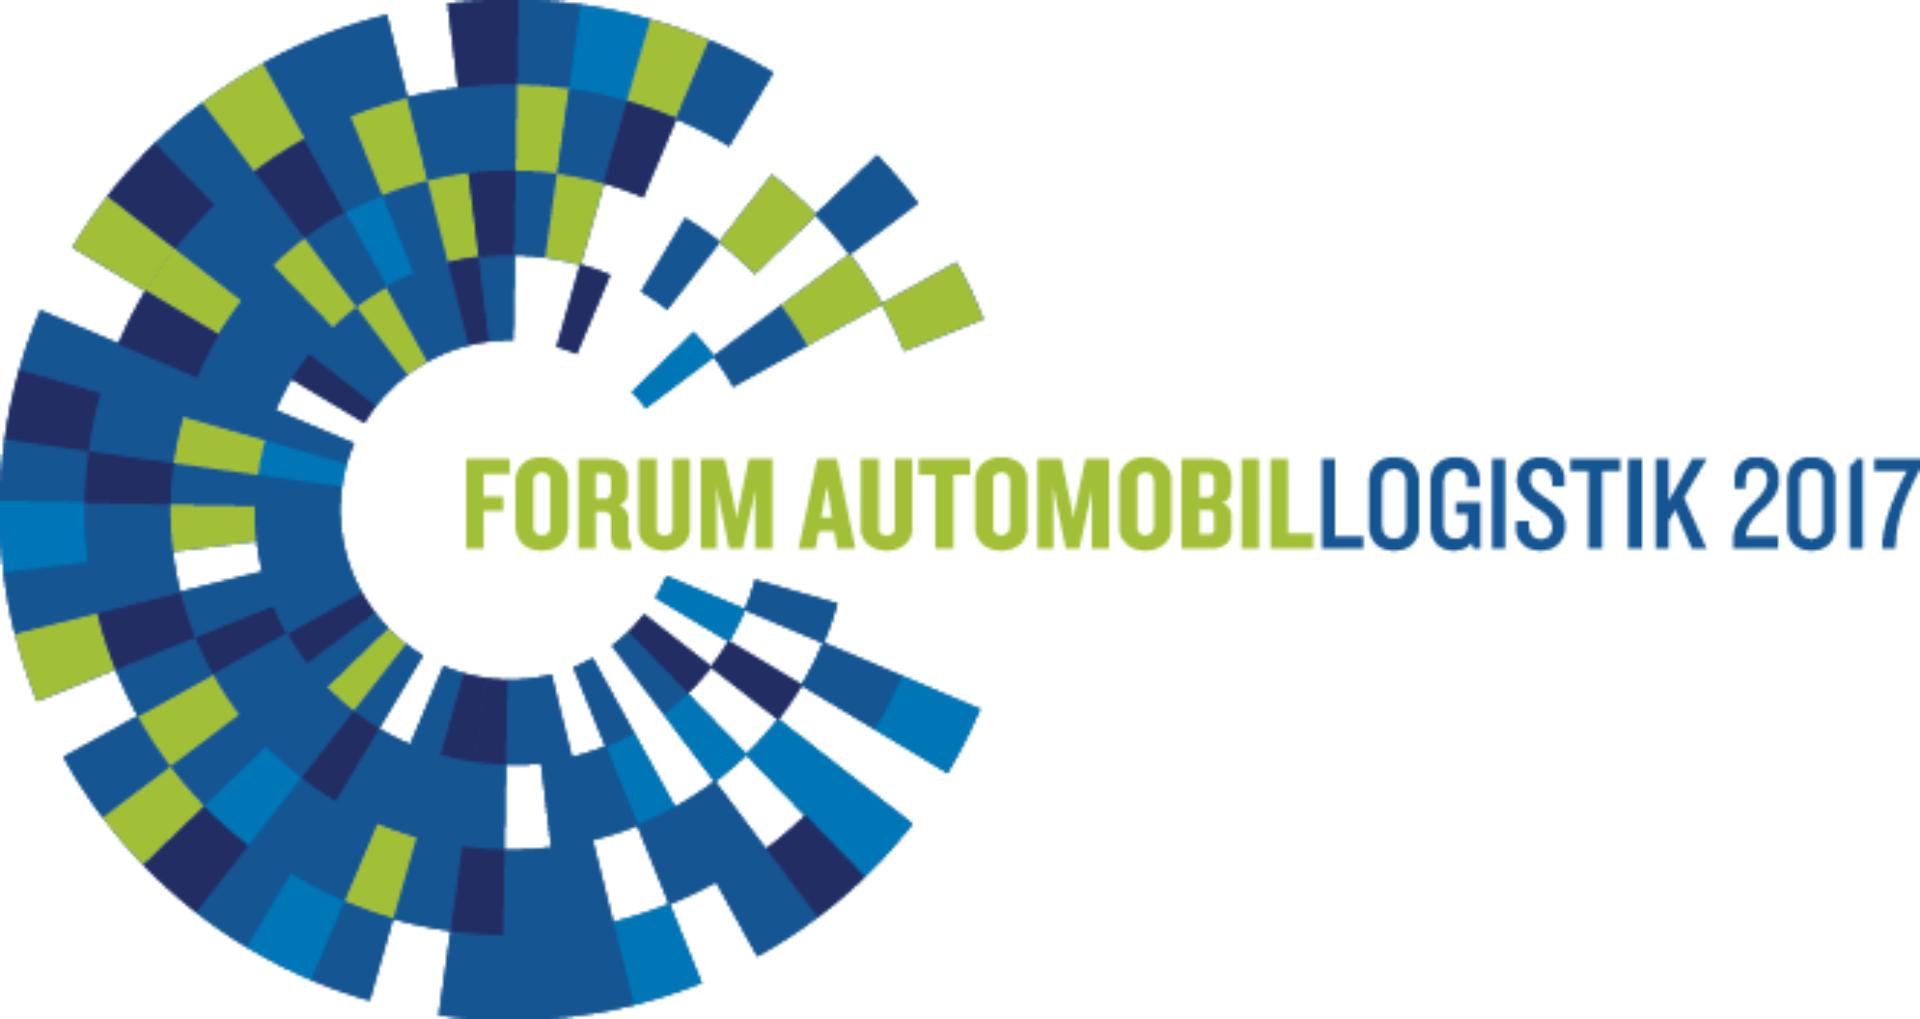 Rund 500 Experten diskutierten am 14. und 15. Februar 2017 über die Digitalisierung und smarte Ansätze für die Automobil-Logistik